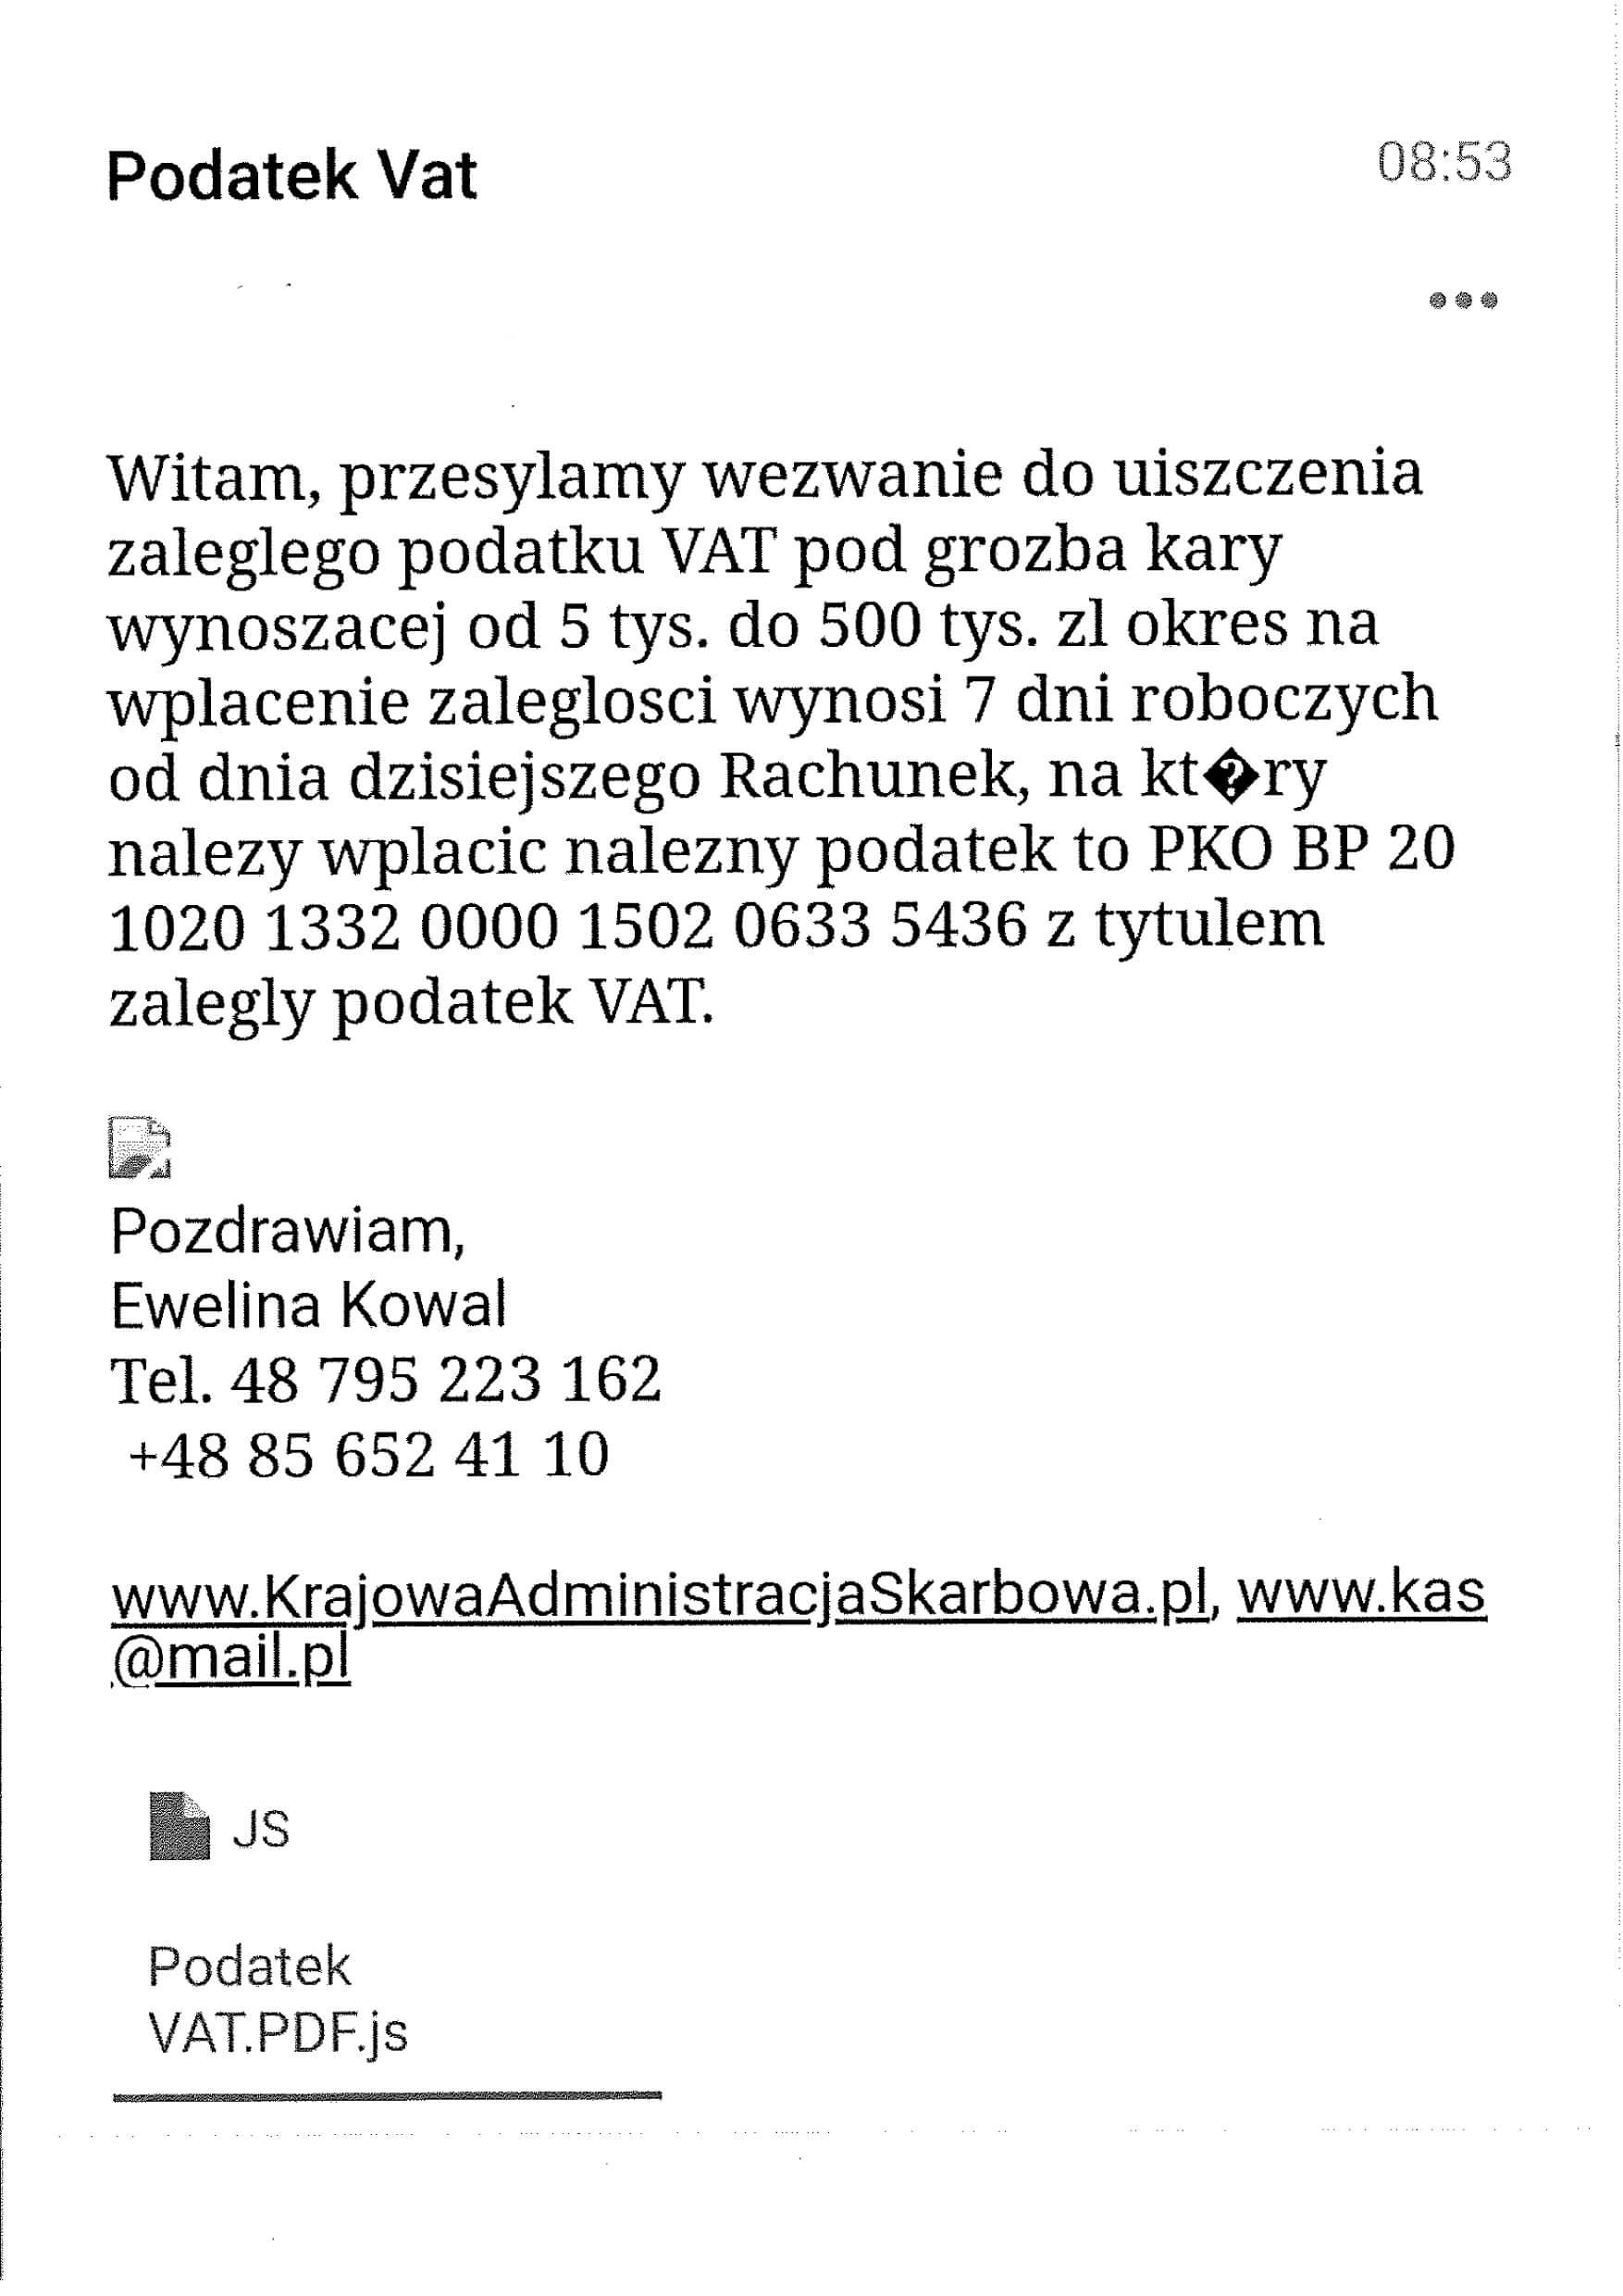 fałszywe maile